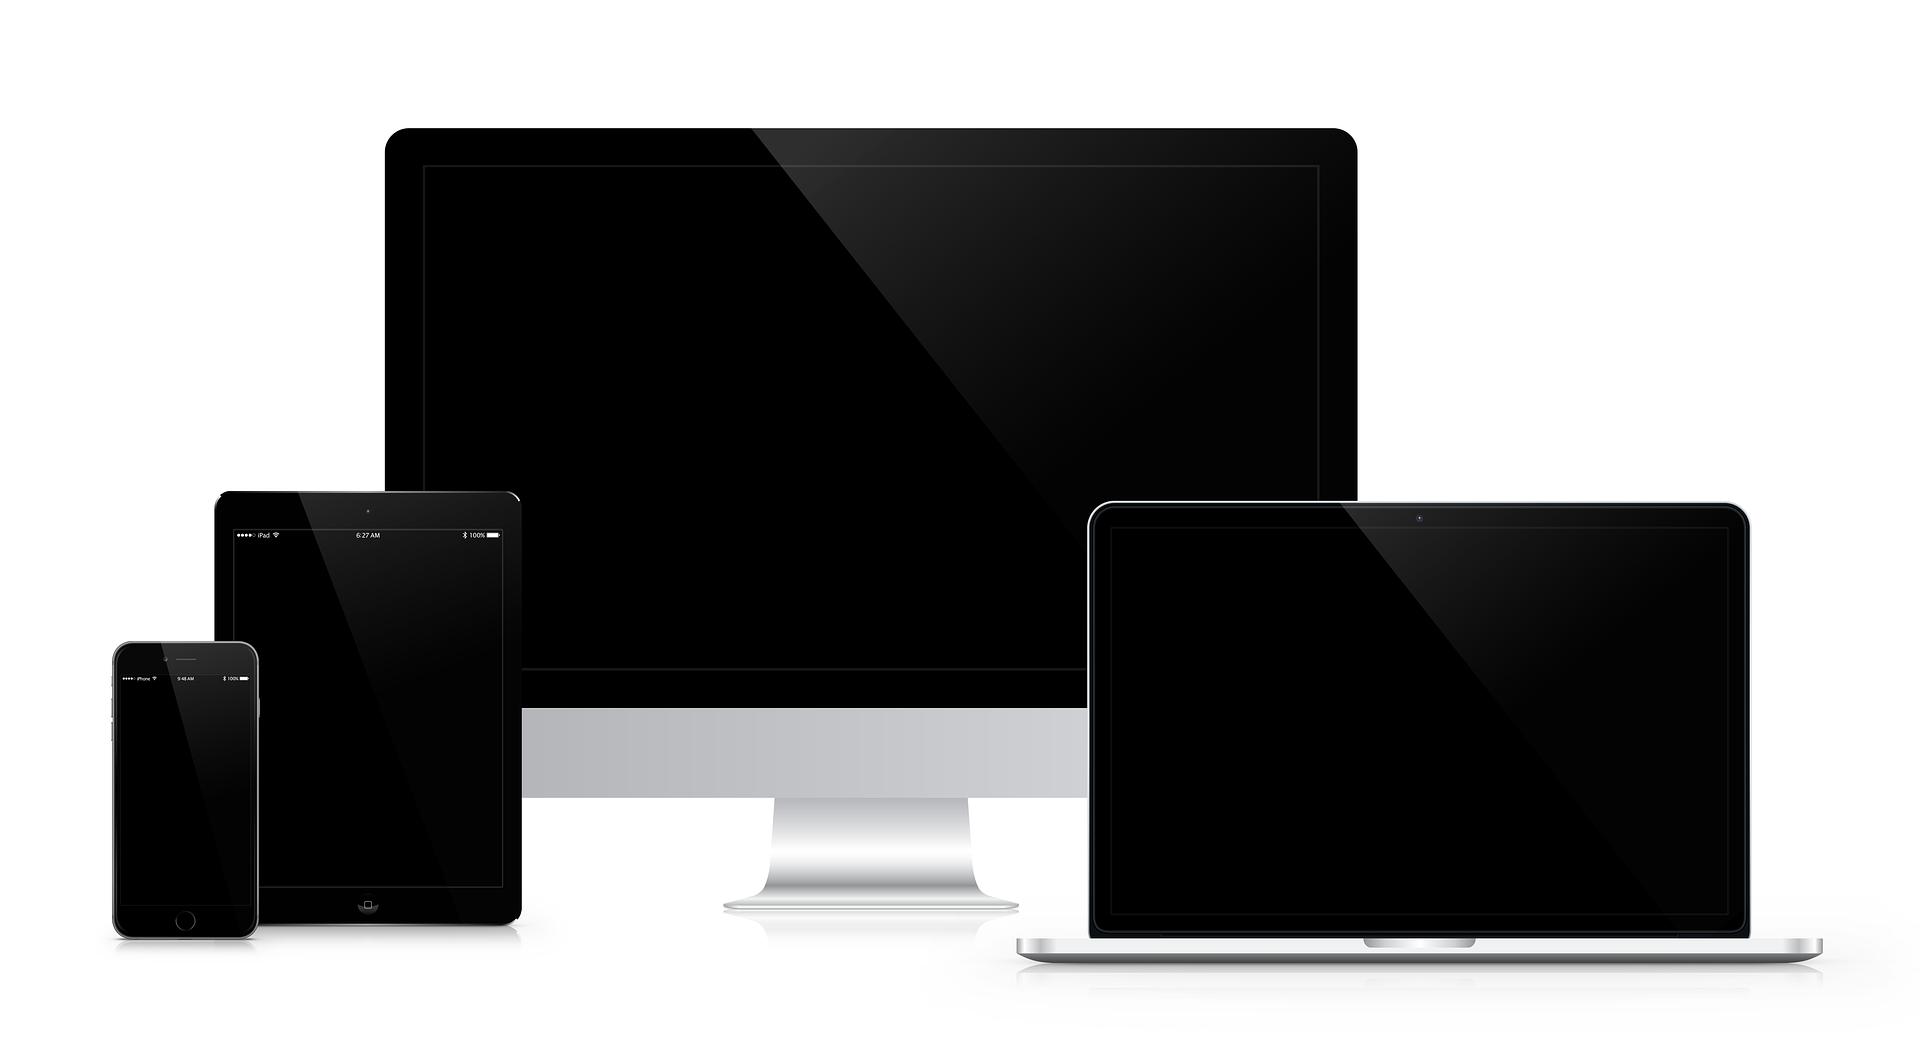 Fashahi Webdesign responsive2